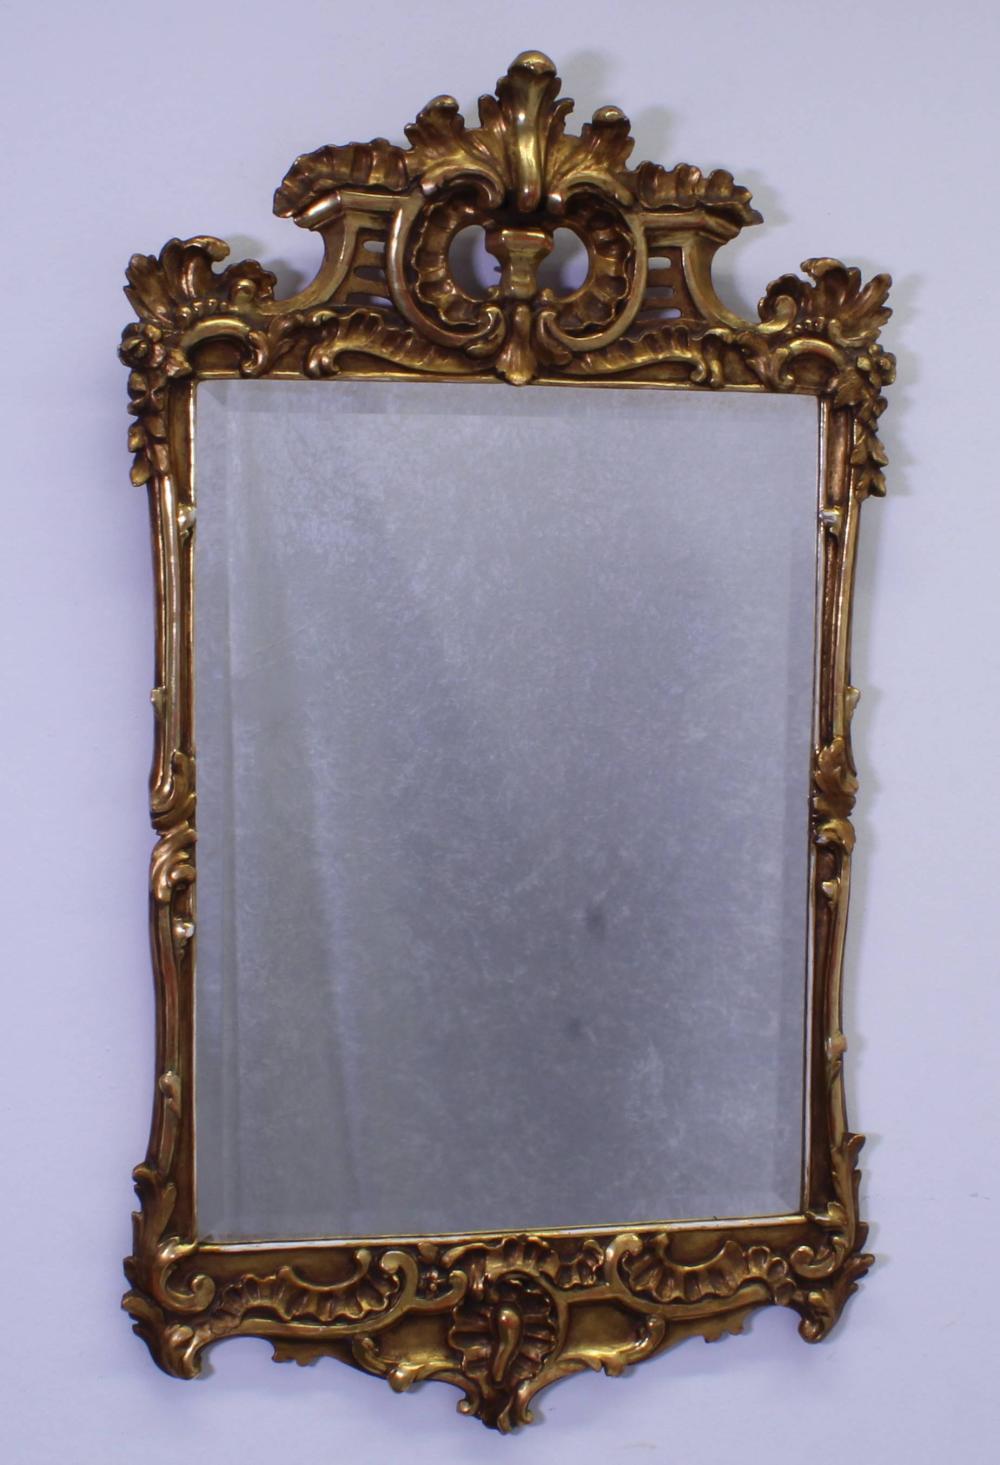 Wandspiegel, 18. Jh., Rahmen Holz geschnitzt, mehrfach durchbrochenes Dekor mit Voluten und Akanthusblättern, vergoldet, erneuertes facettiertes Spiegelglas, 110 x 63 cm, rest. Zustand